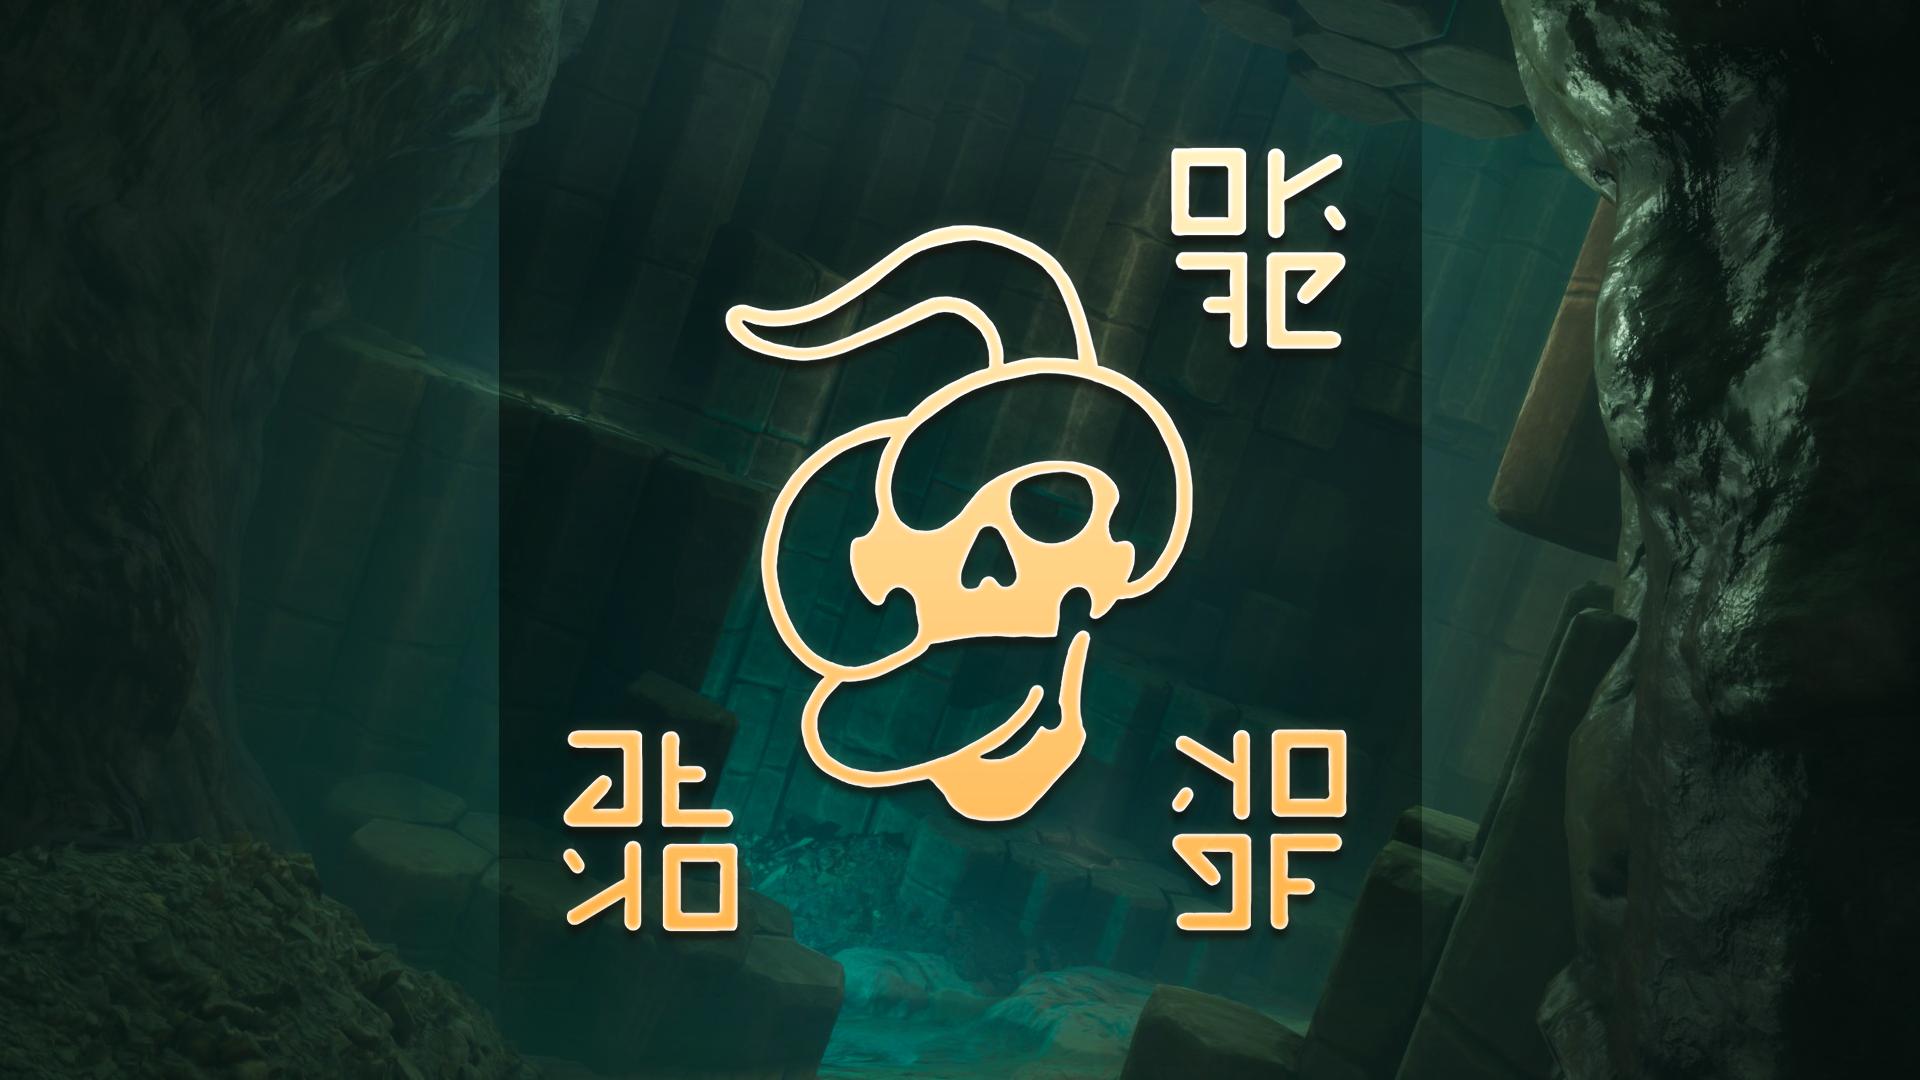 Icon for Klaatuu, Barada, Orochi